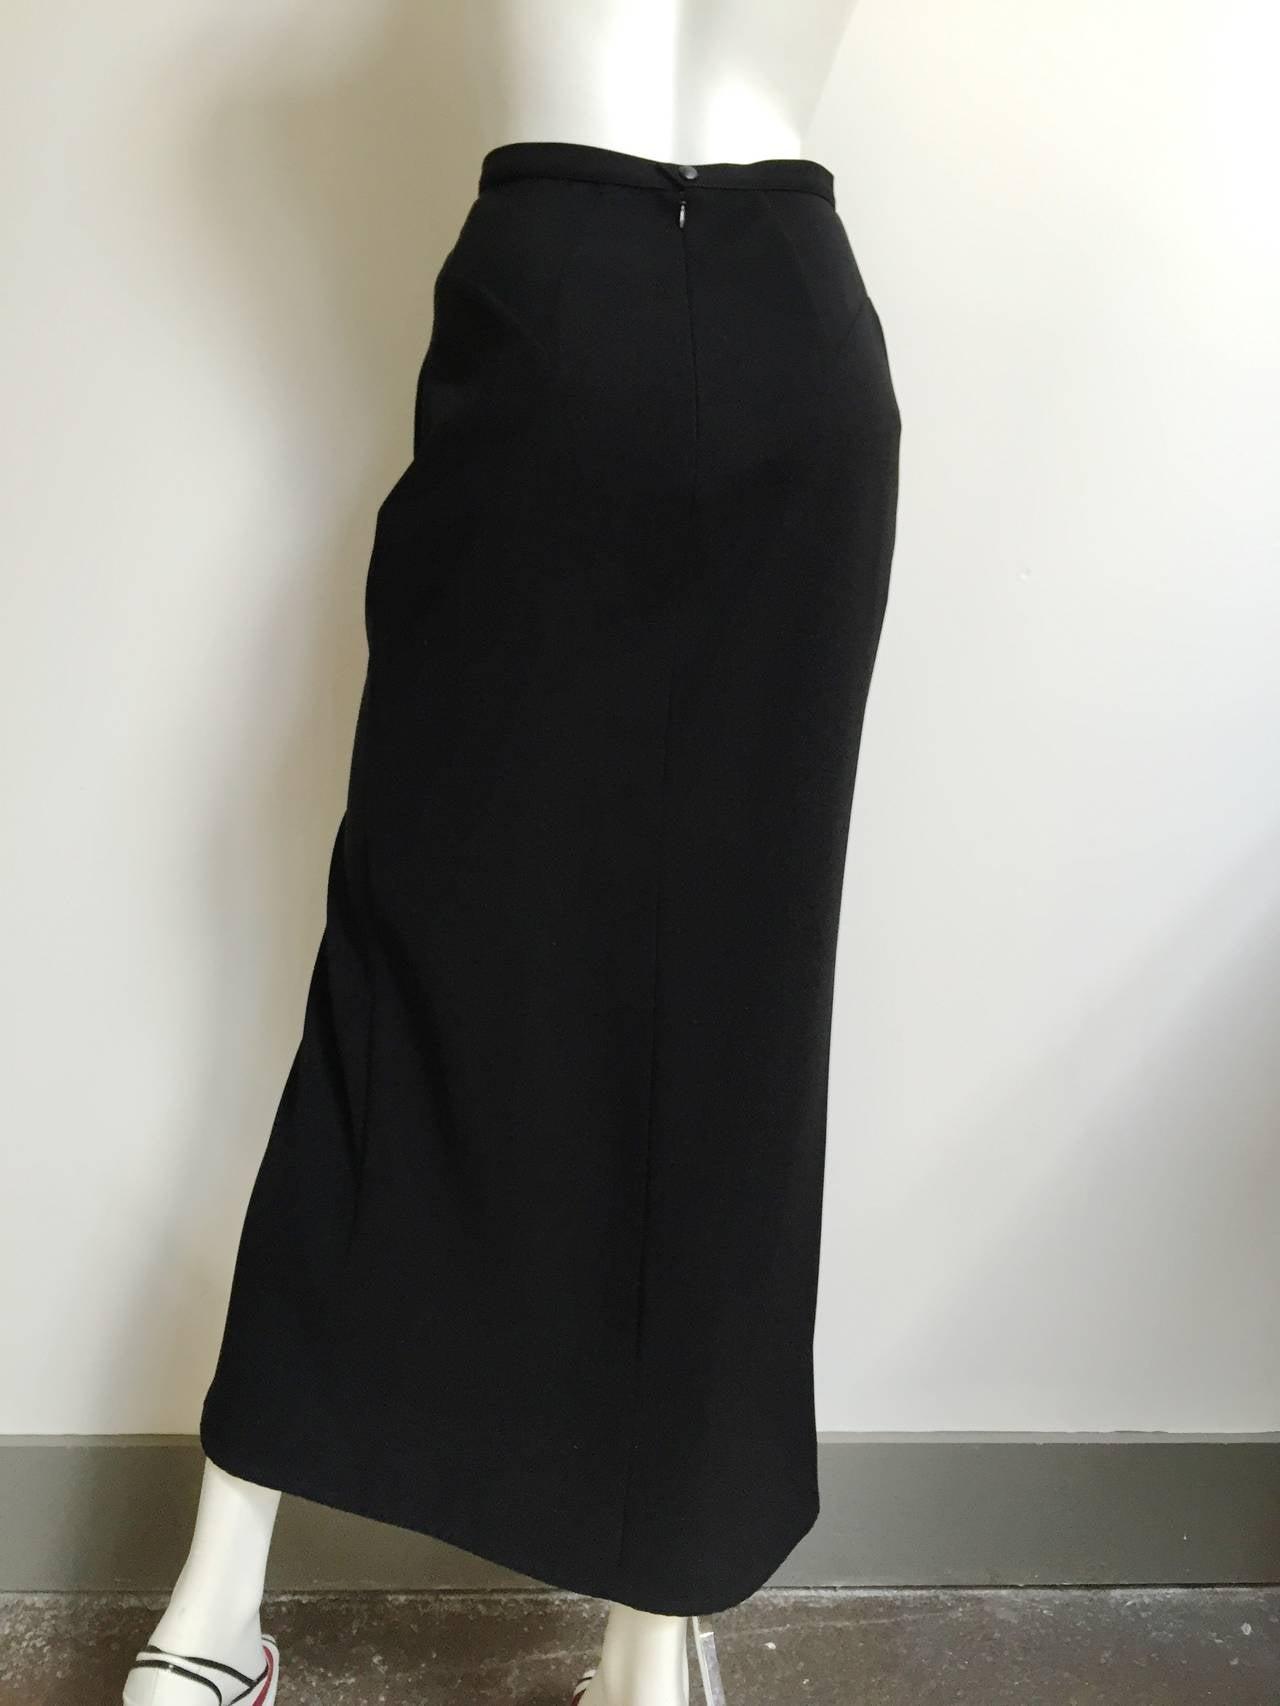 Mugler 90s Black Evening Skirt Size 4. 3